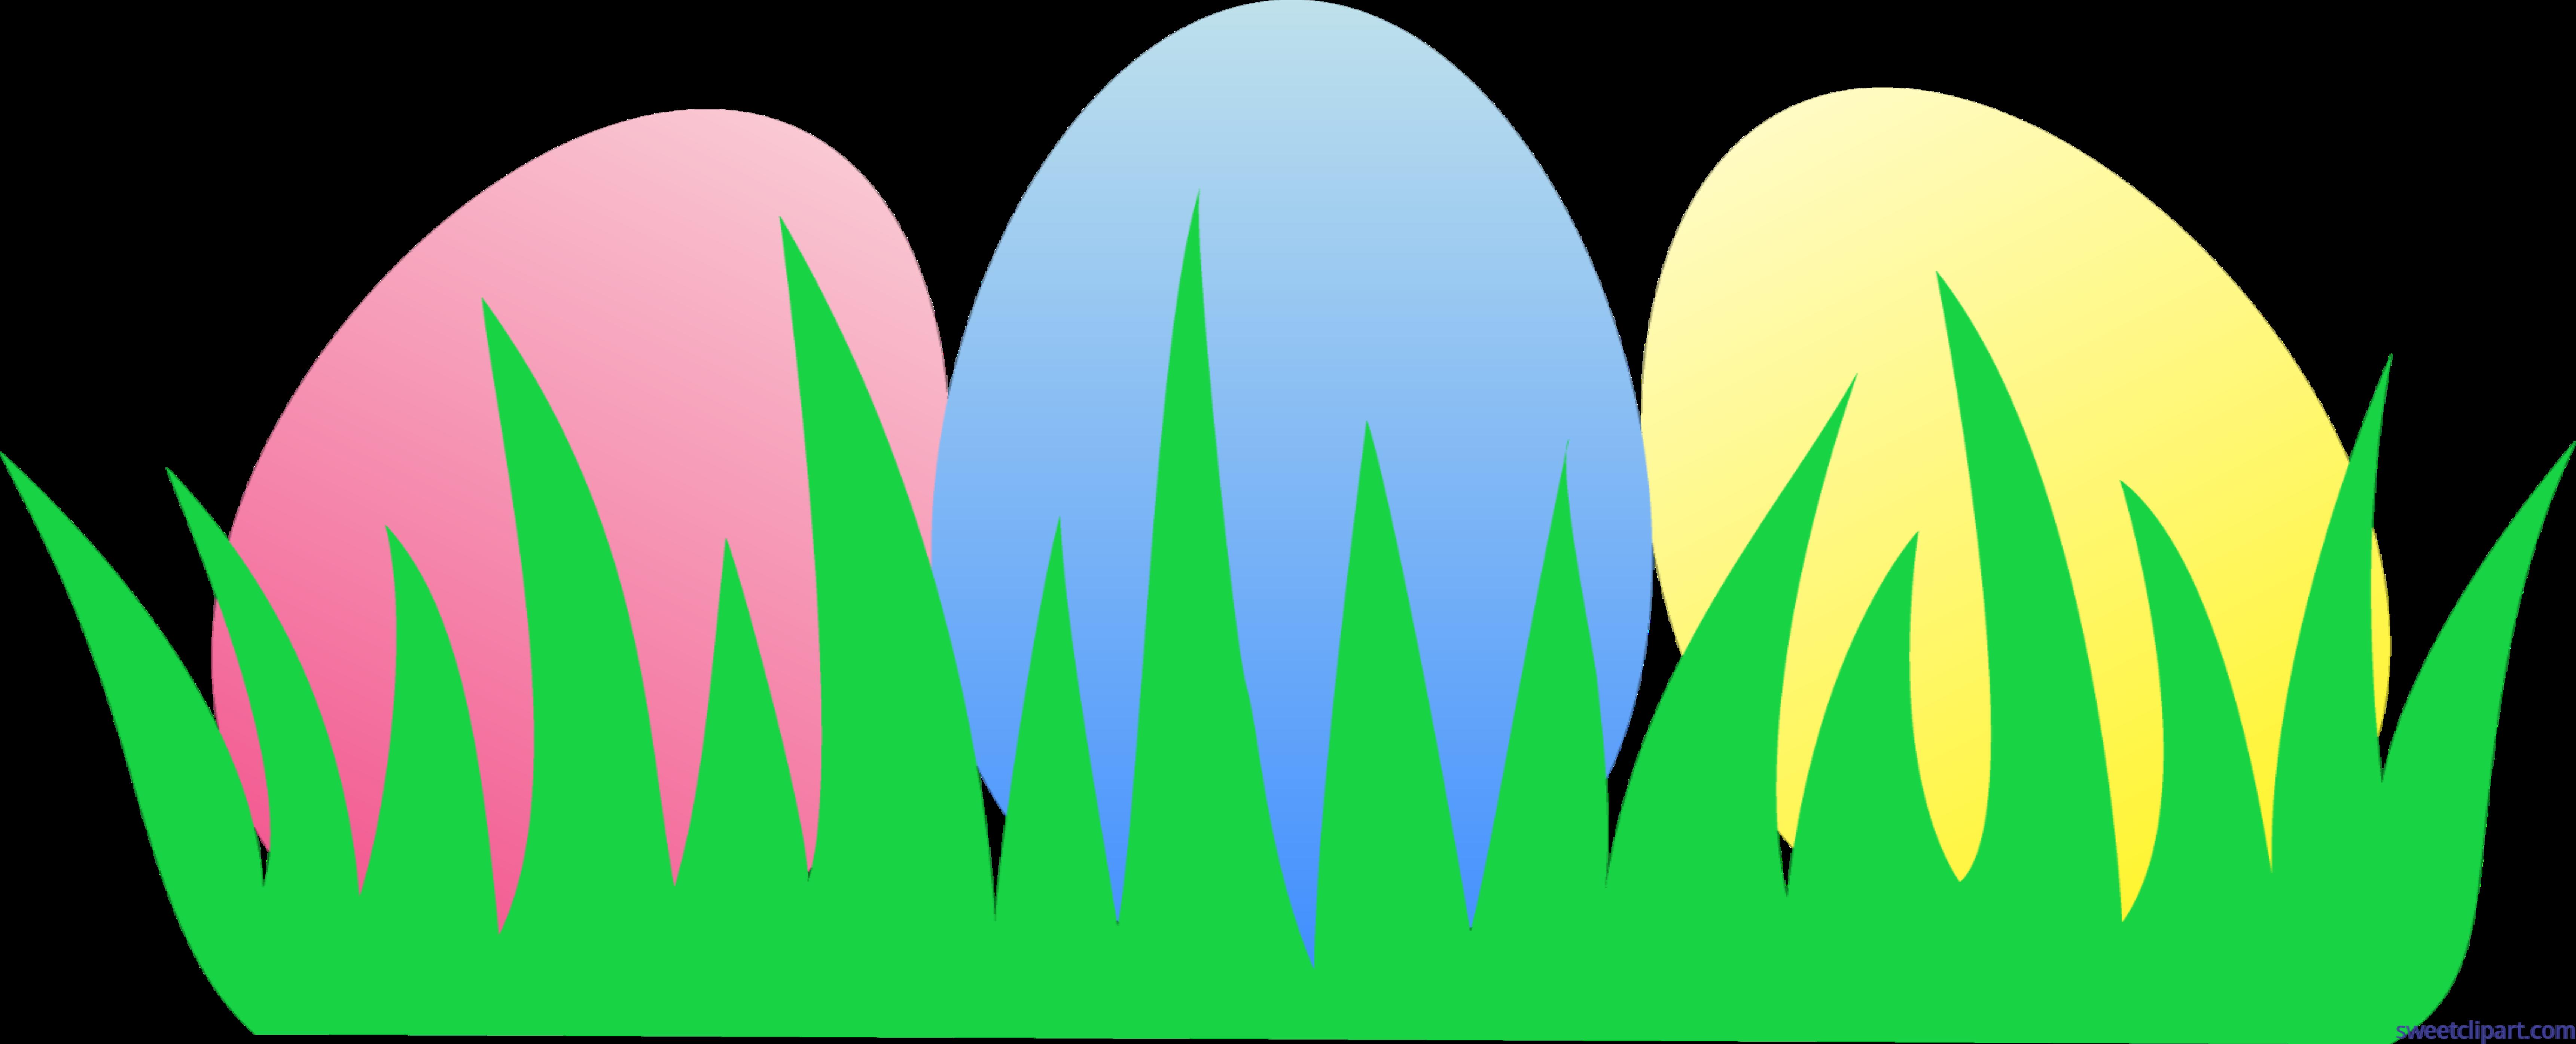 6883x2789 Easter Eggs Grass Clip Art